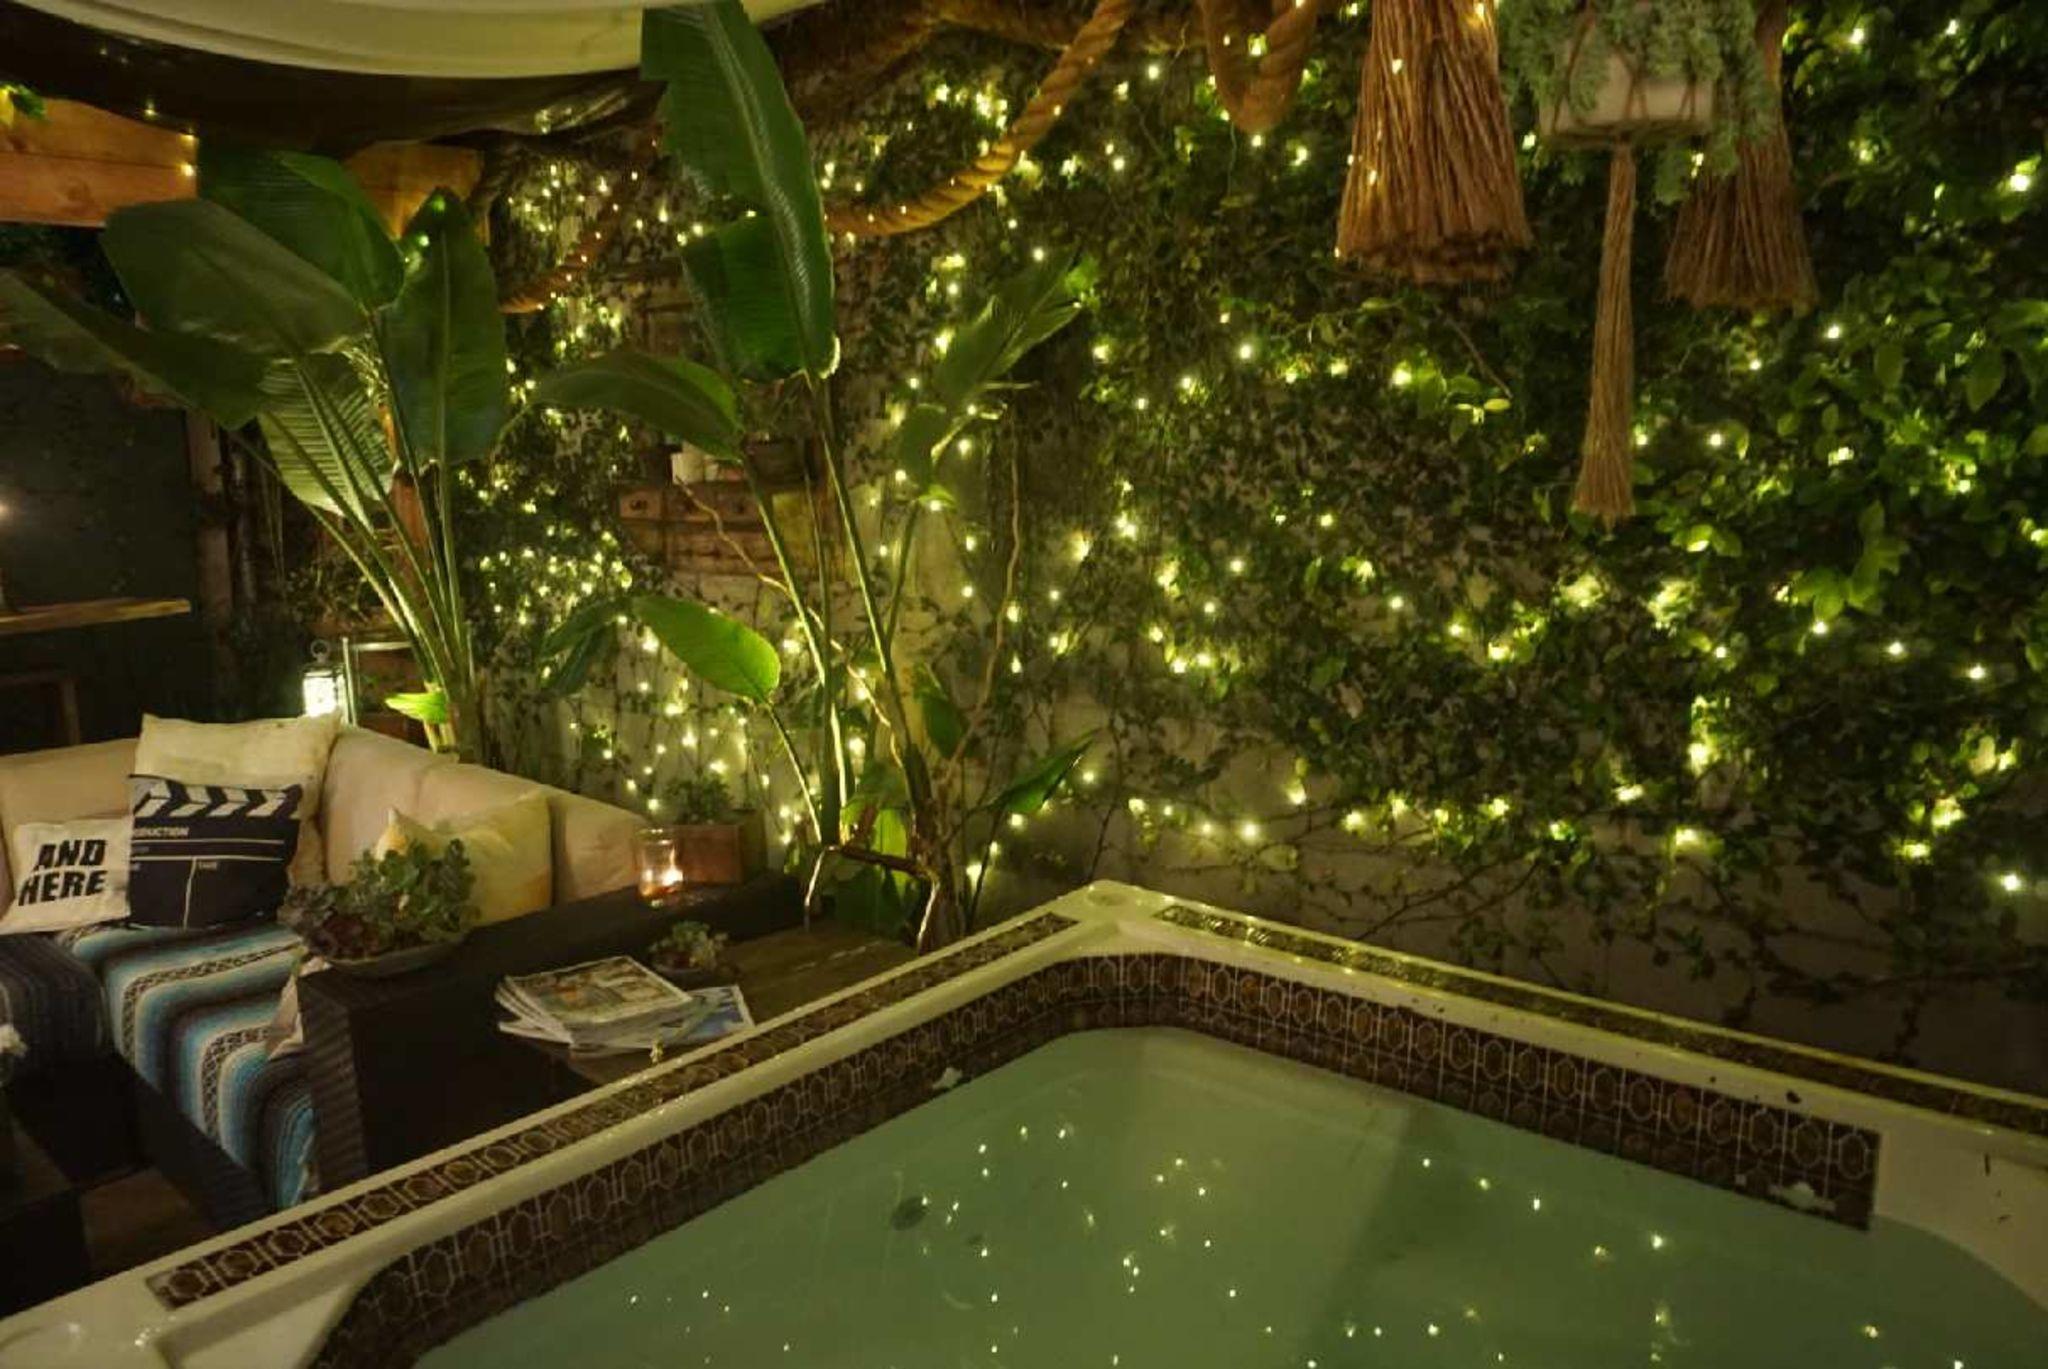 The Hobbit Hole - A Tropical Garden Oasis, Santa Monica, CA ...